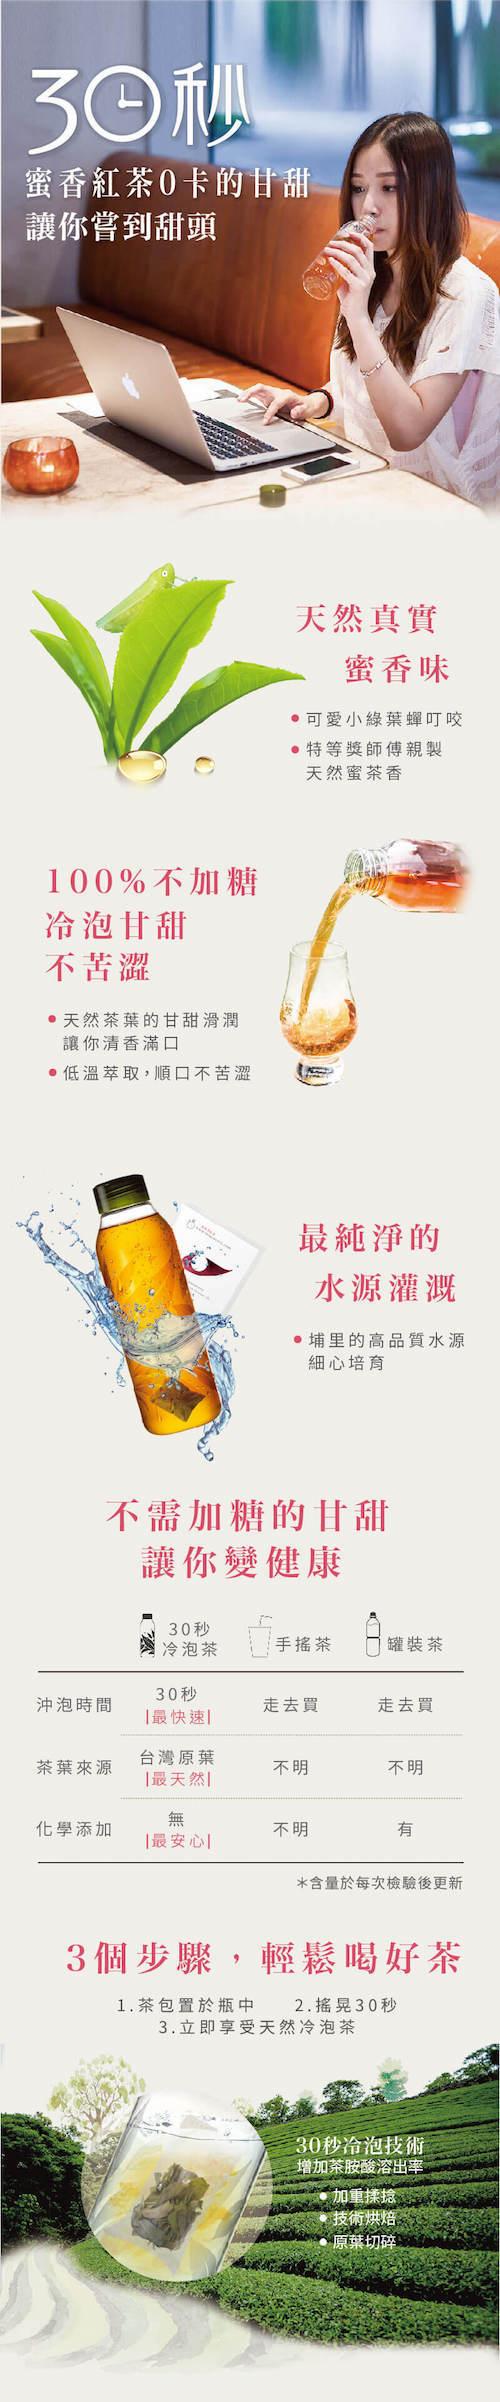 Teascovery 發現茶 30秒冷泡茶 尋尋覓蜜紅8入品嘗款 (含瓶)